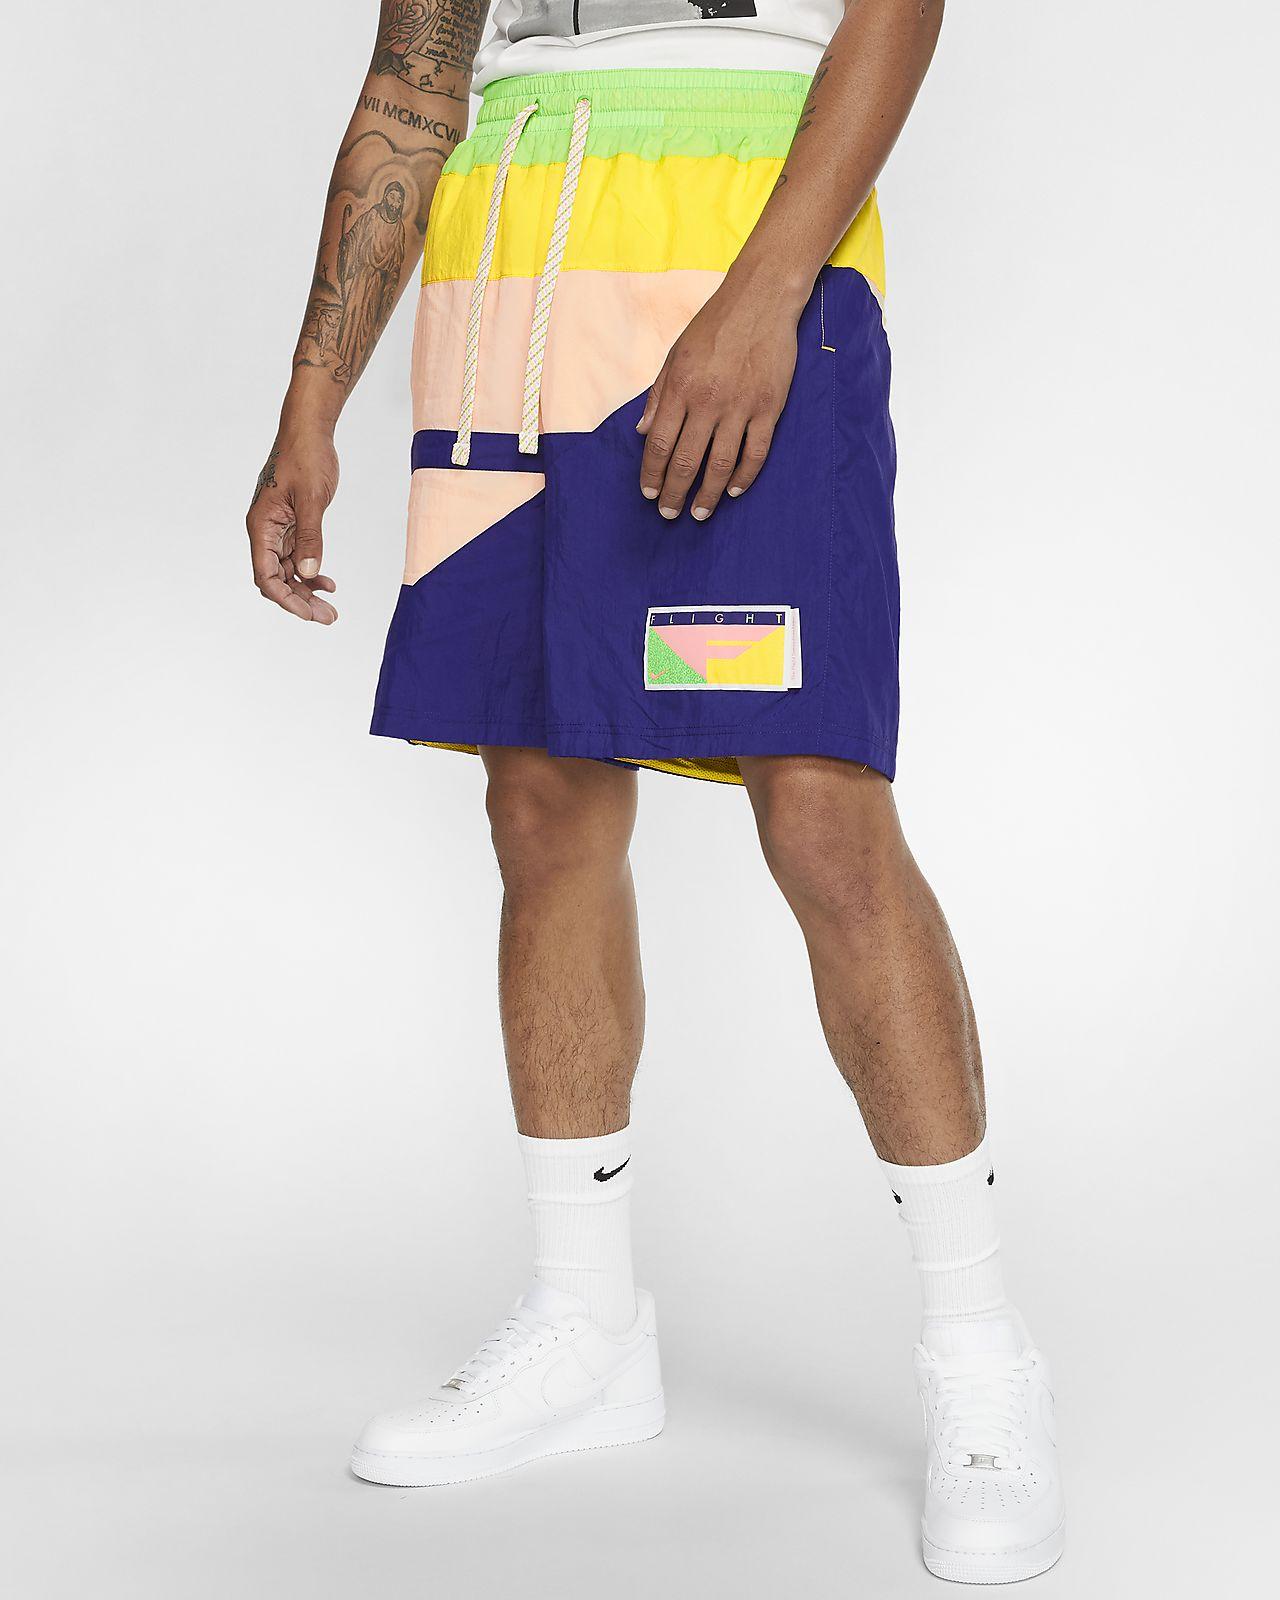 Tuta da basket Nike Flight Uomo